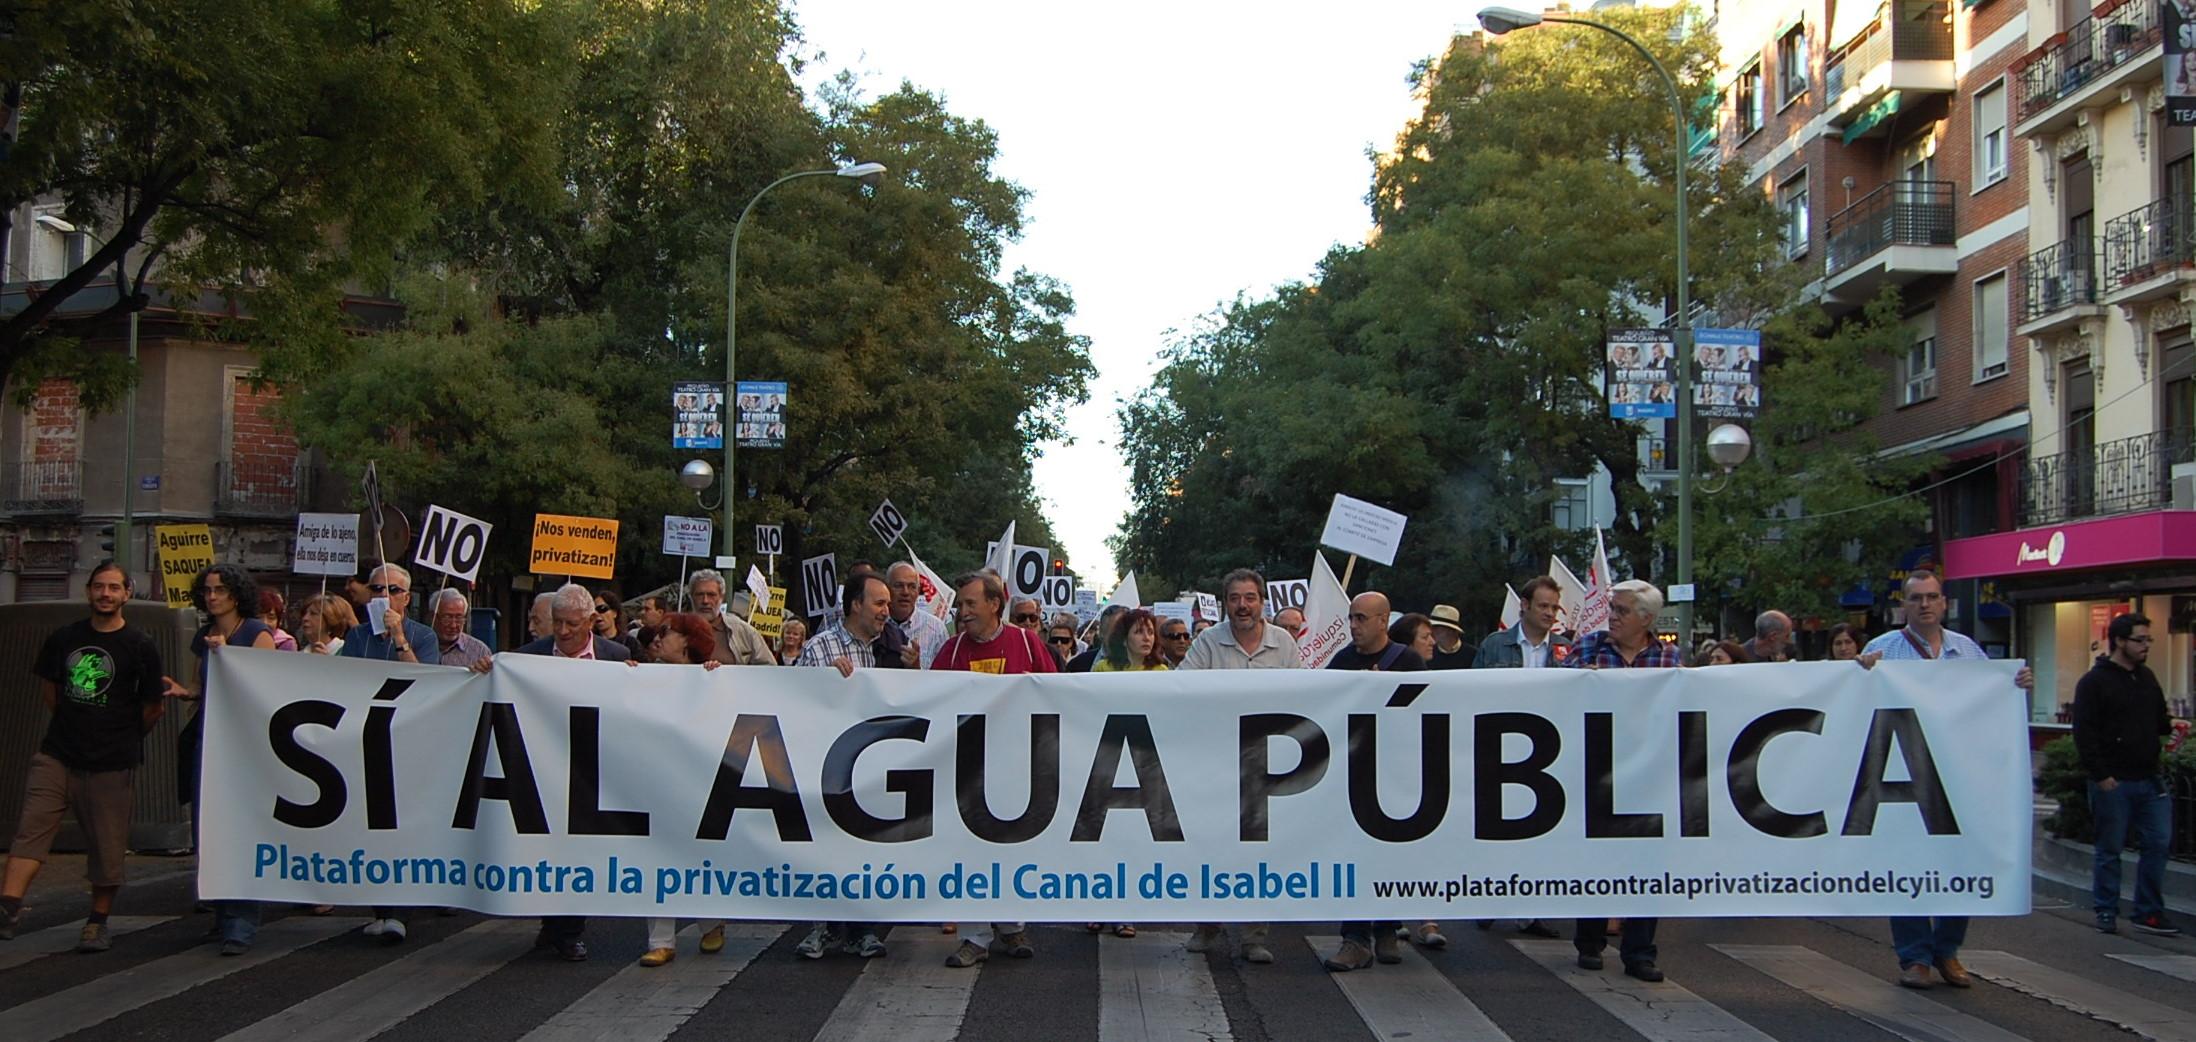 Miles de personas se manifiestan contra la privatizaci n del canal de isabel ii asociaci n - Oficinas canal isabel ii madrid ...